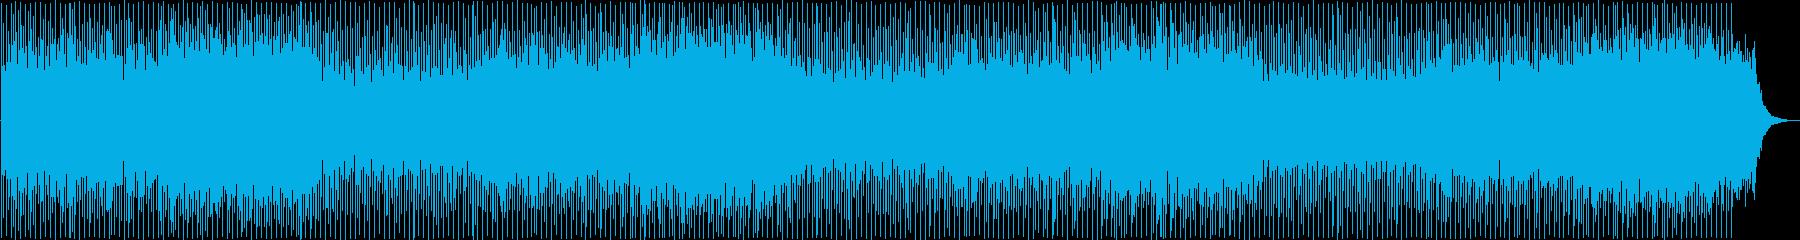 激しく疾走感のあるポップの再生済みの波形